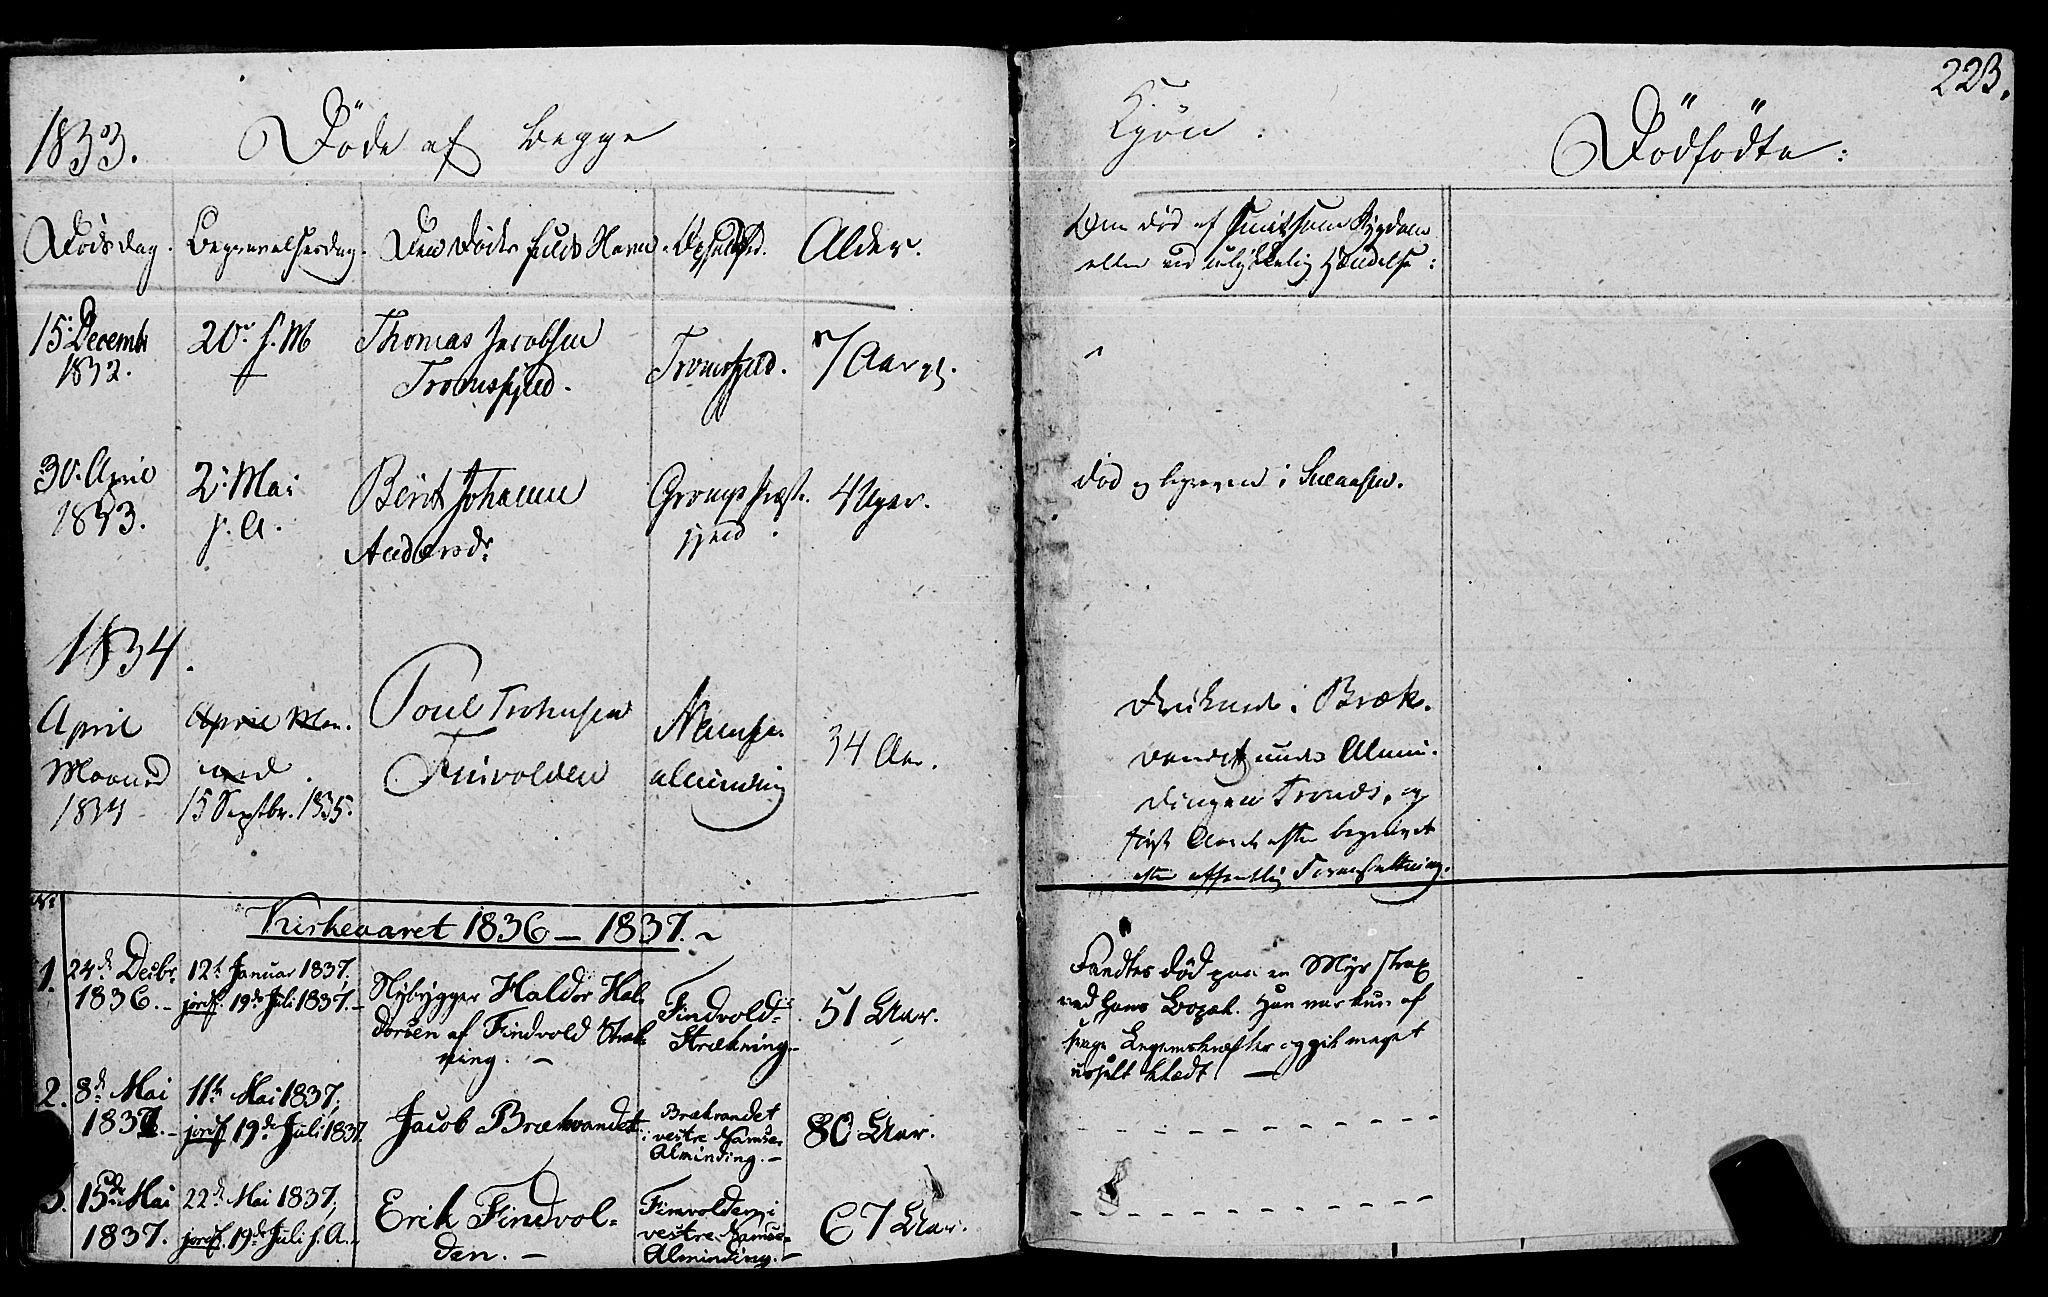 SAT, Ministerialprotokoller, klokkerbøker og fødselsregistre - Nord-Trøndelag, 762/L0538: Ministerialbok nr. 762A02 /2, 1833-1879, s. 223